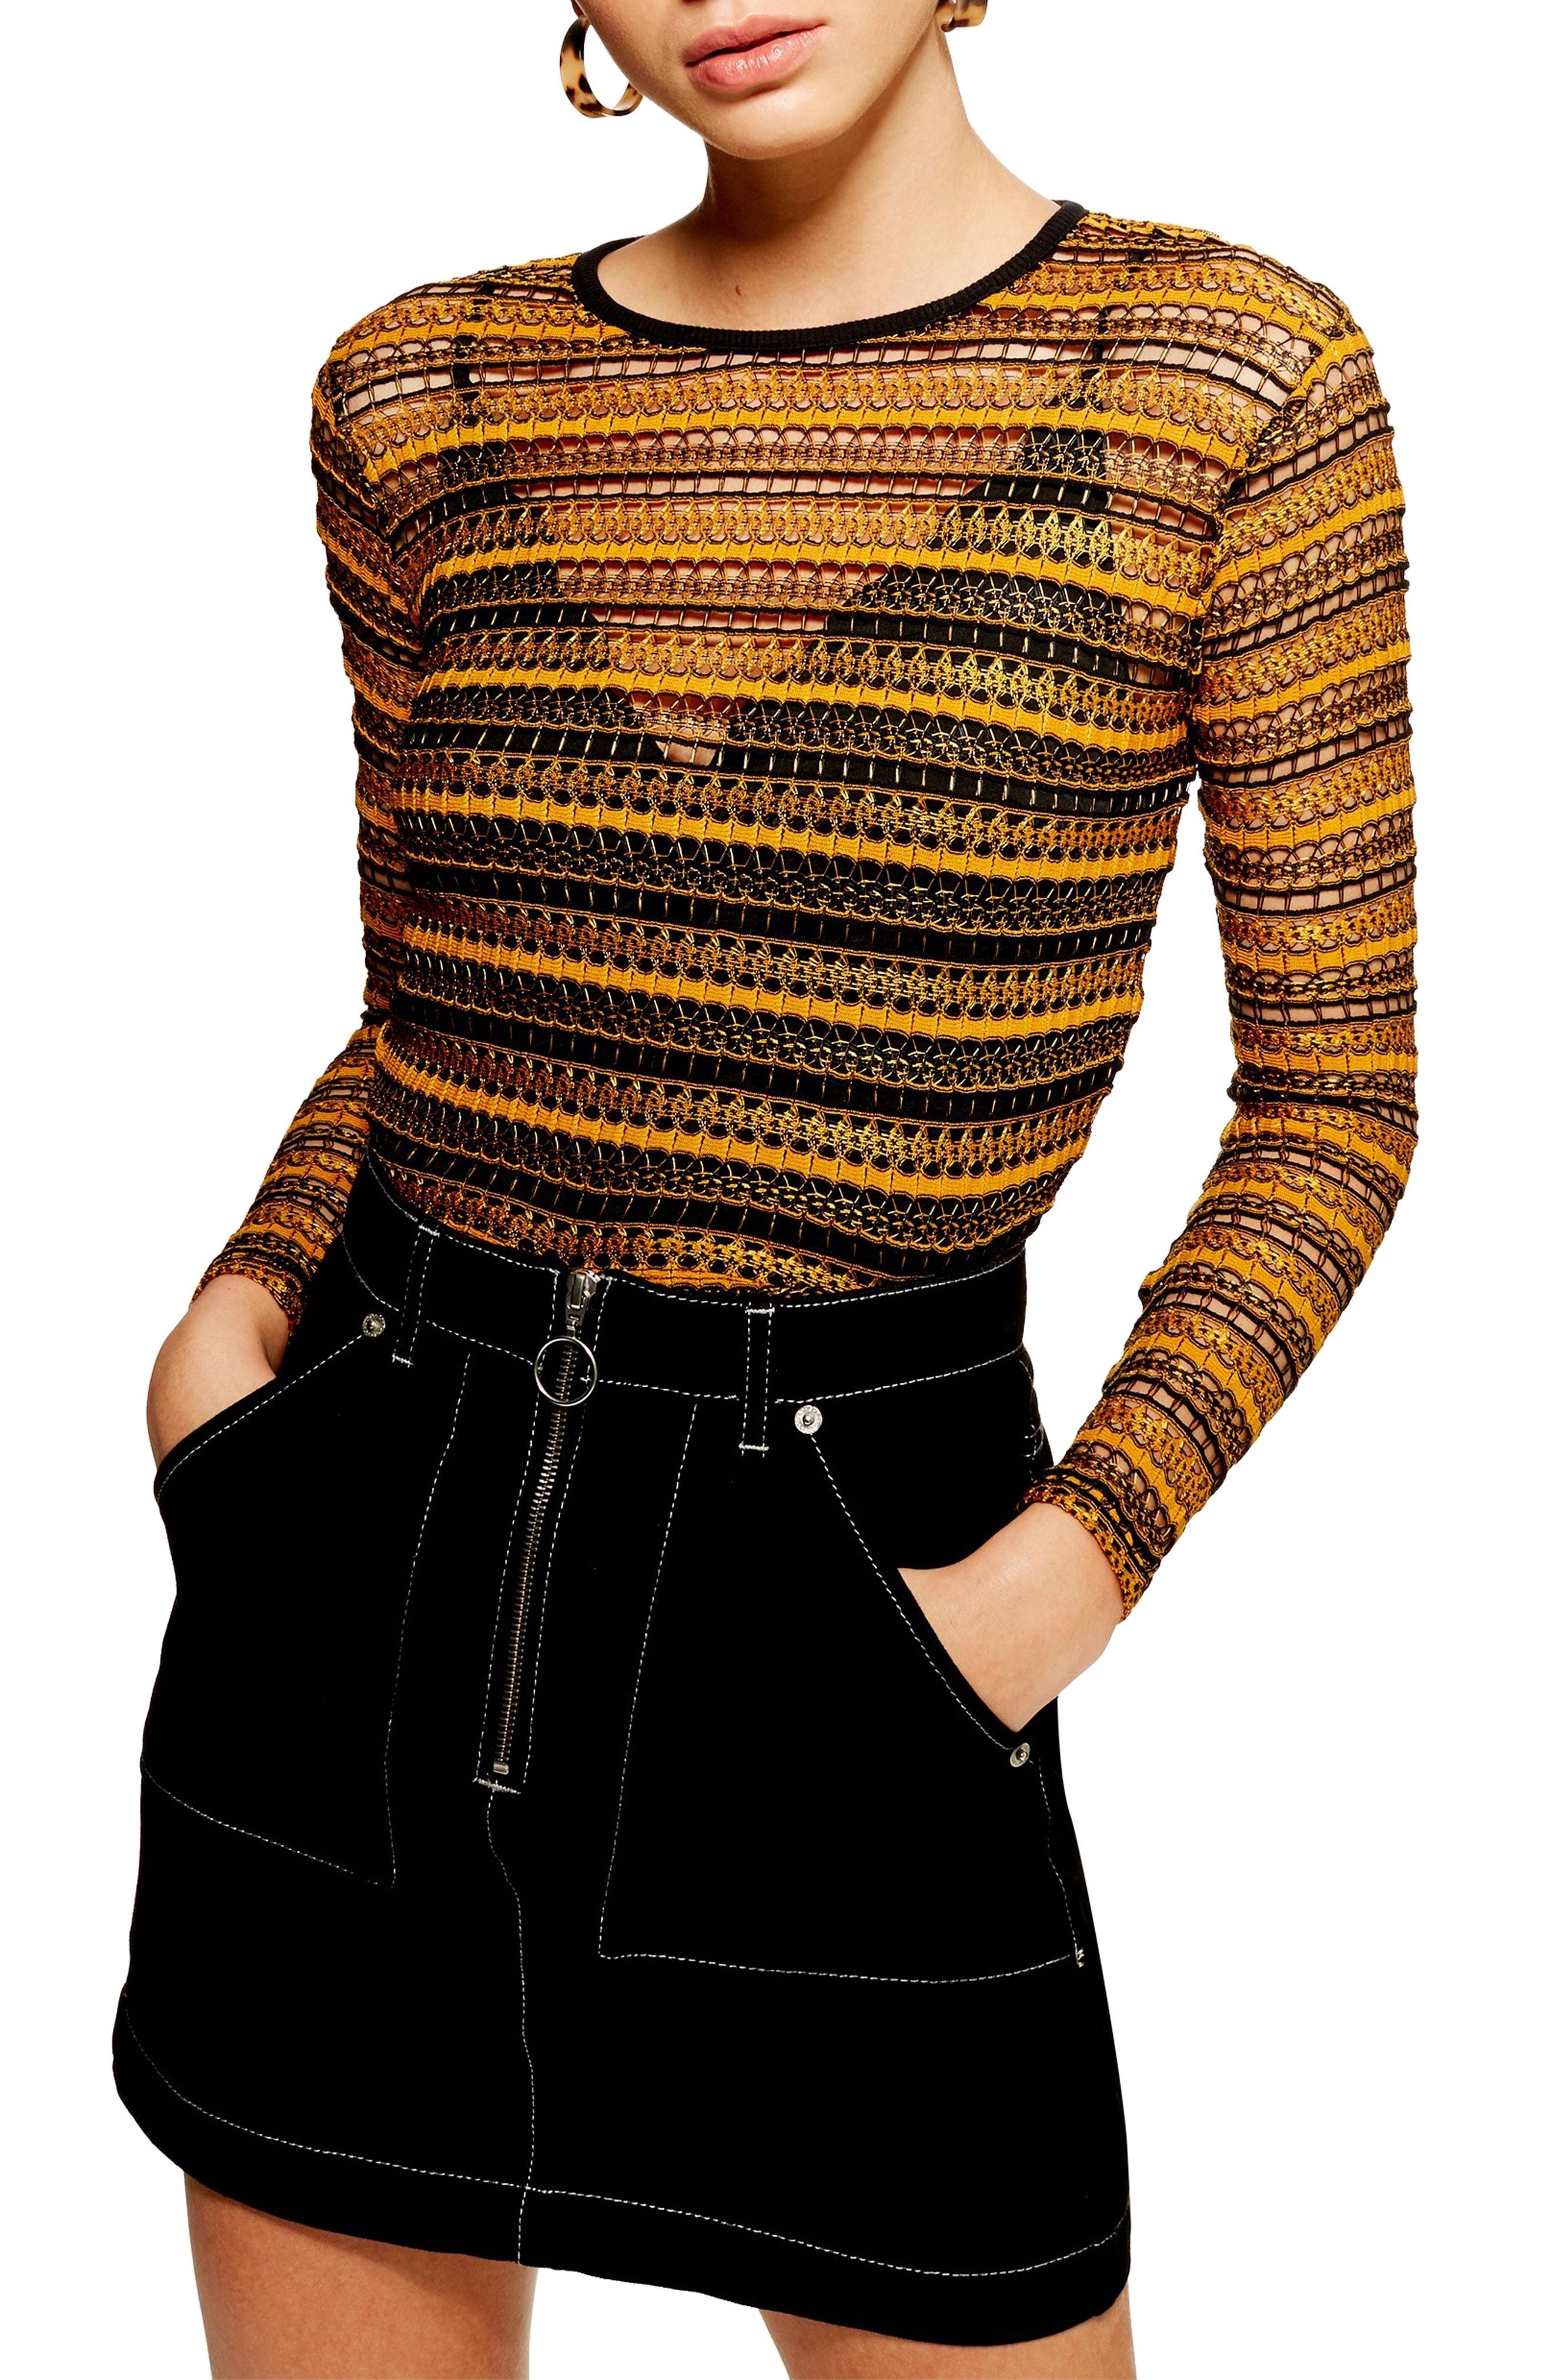 Topshop Stripe Lace Crop Top